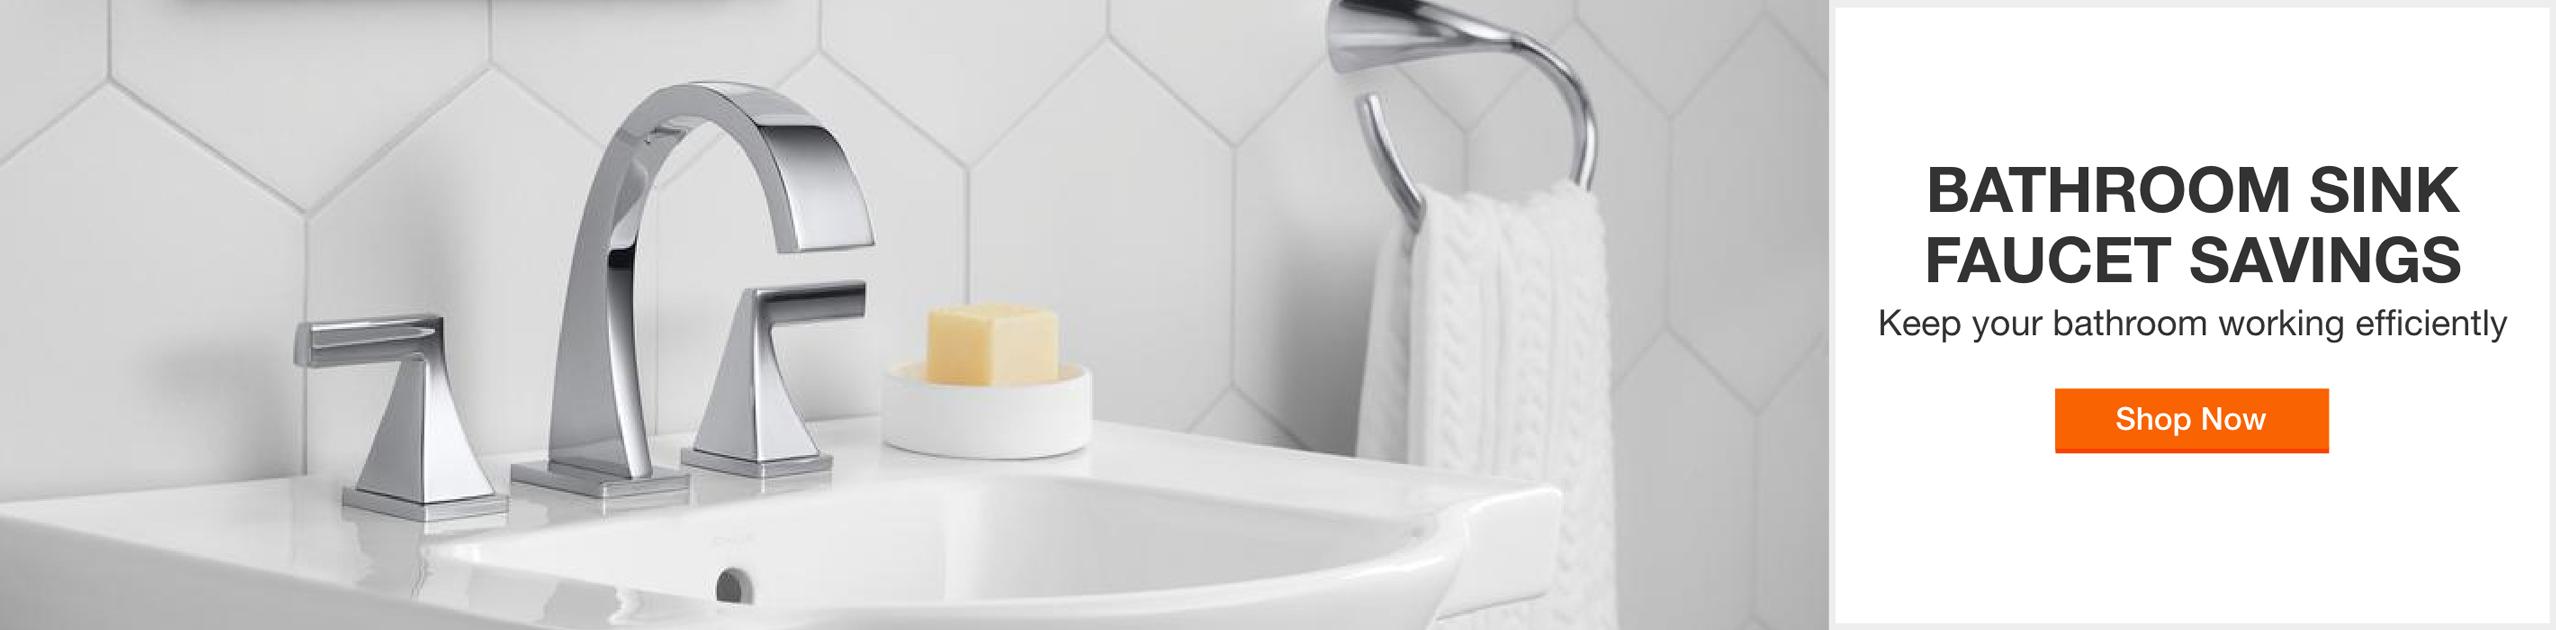 Bathroom sink faucet savings